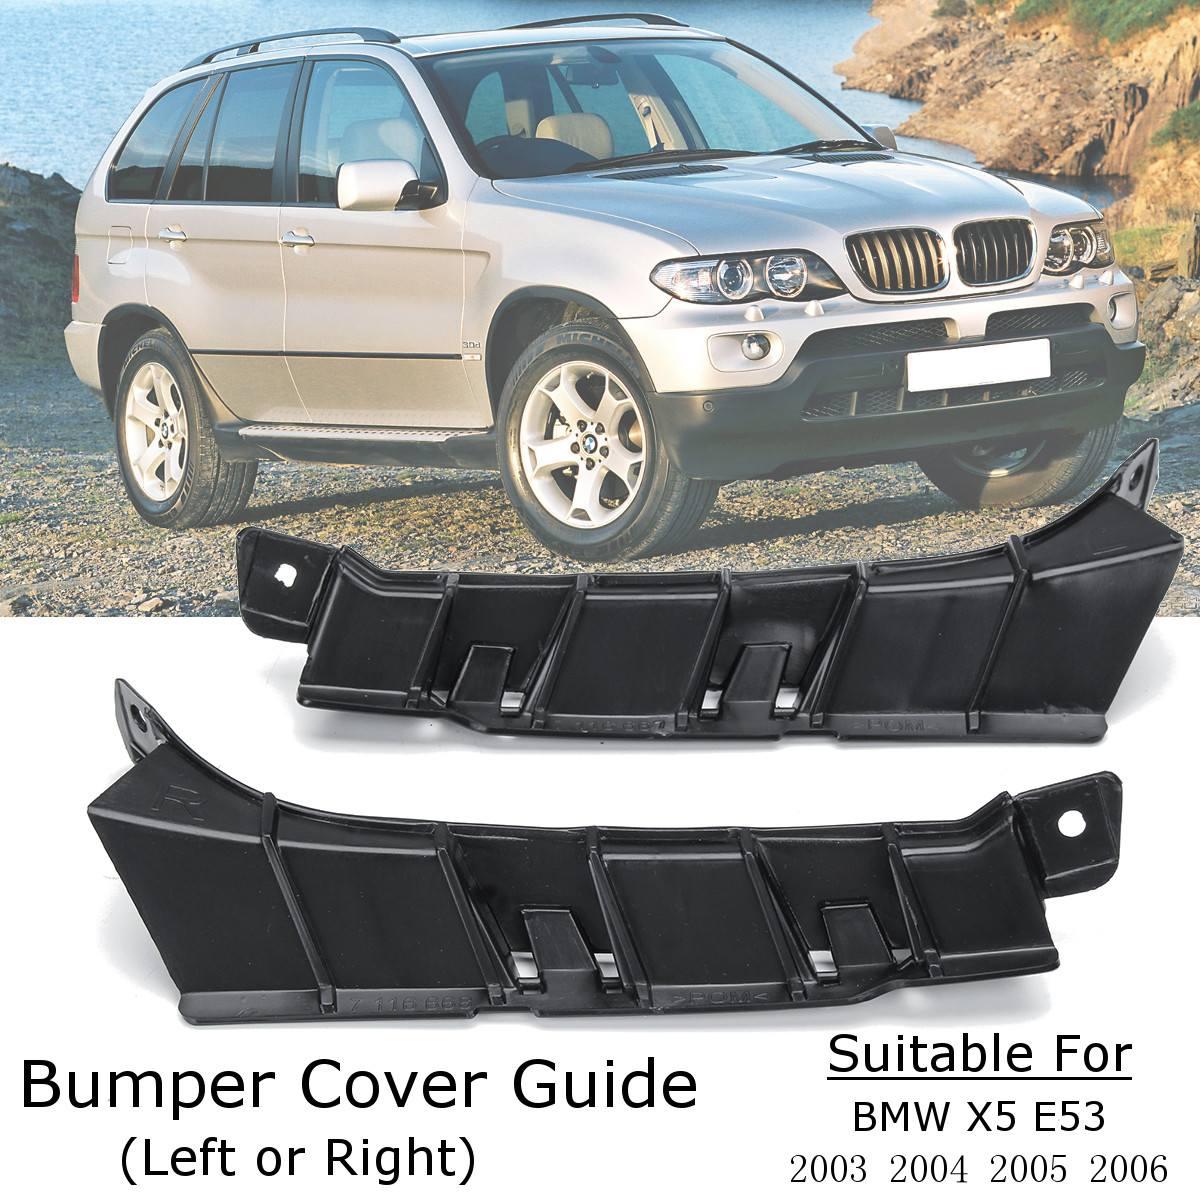 รถด้านหน้าขวากันชนบาร์สนับสนุน Bracket ผู้ถือท่องเที่ยว 51117116667 51117116668 สำหรับ BMW X5 E53 2003 2004 2005 2006